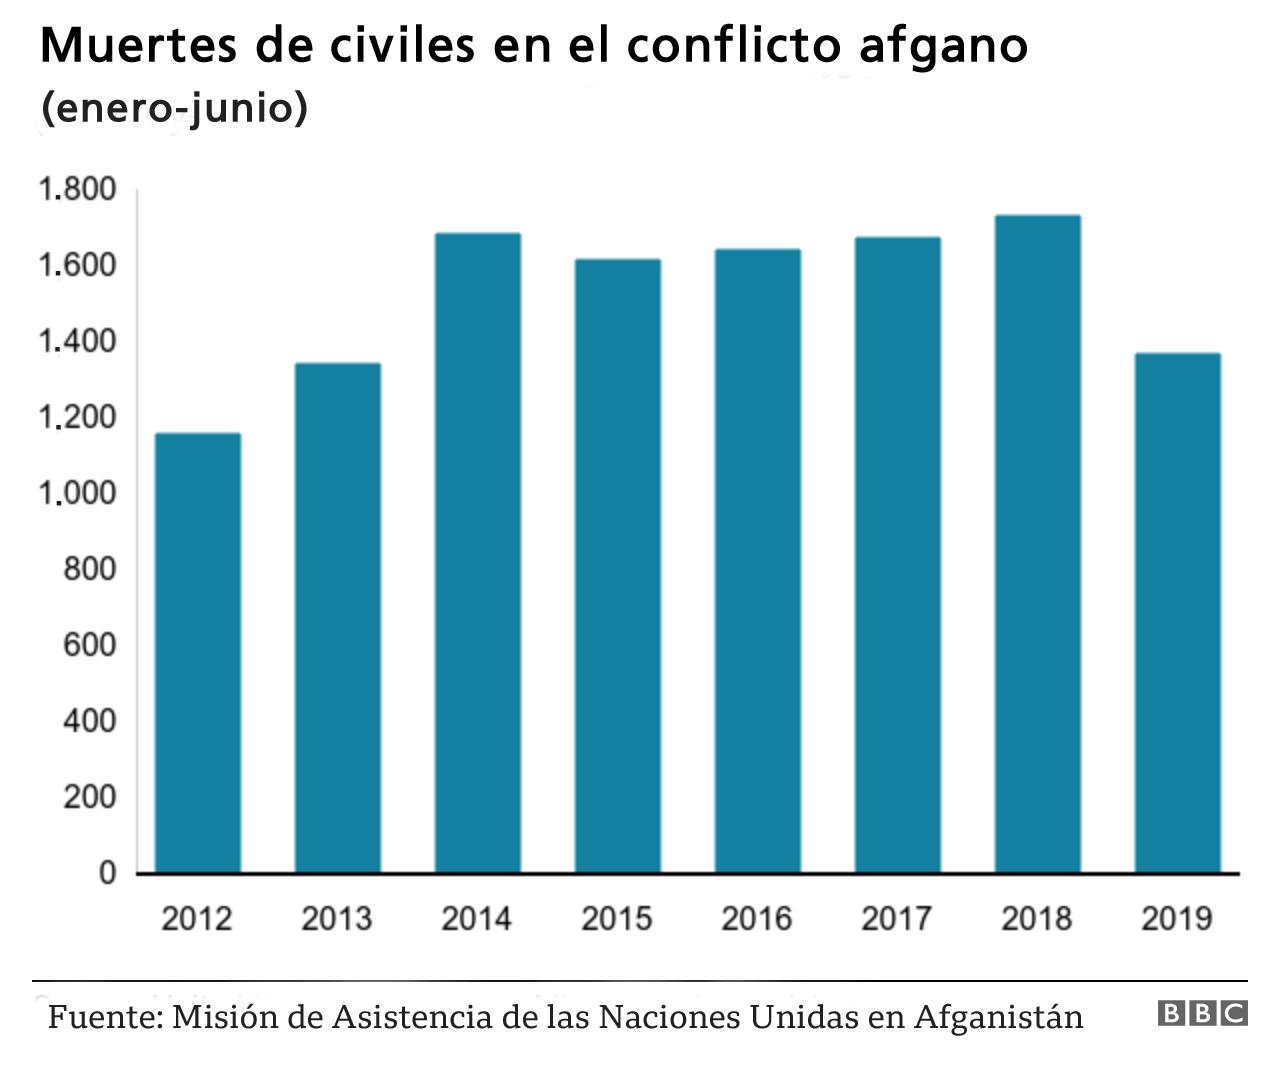 Gráfico con las tazas de muertes por año en Afganistán